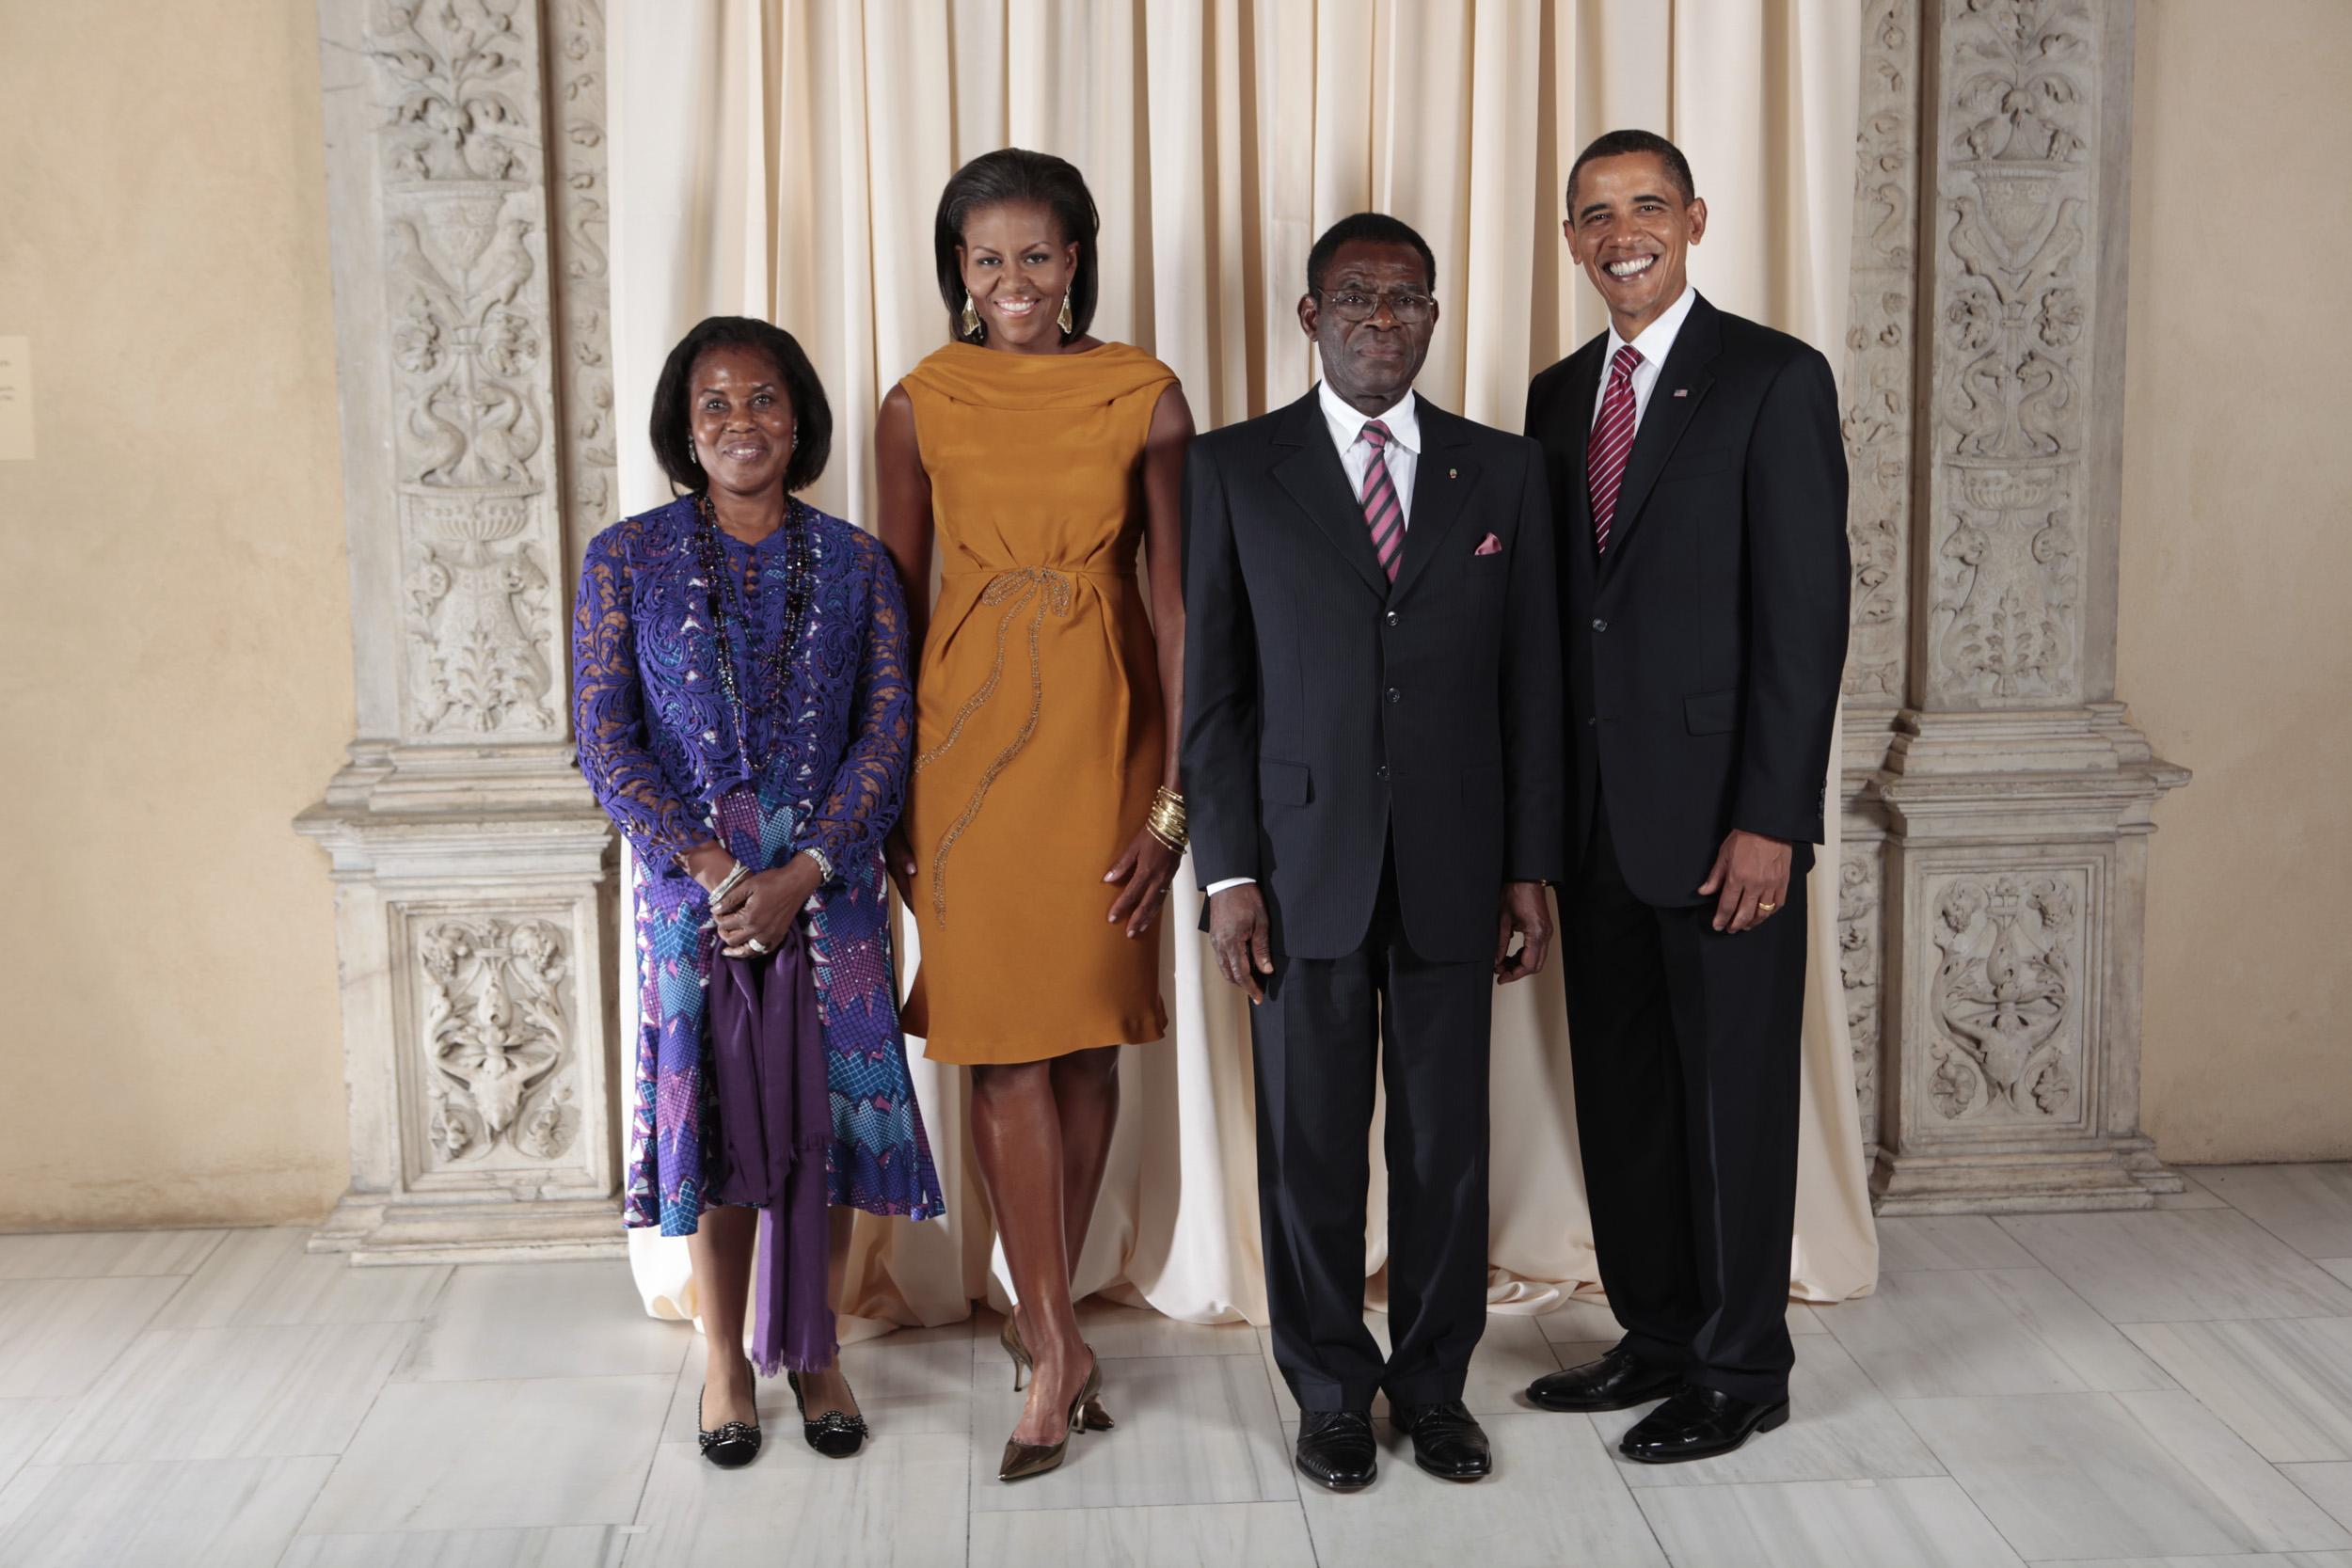 Teodoro_Obiang_Nguema_Mbasogo_with_Obamas.jpg